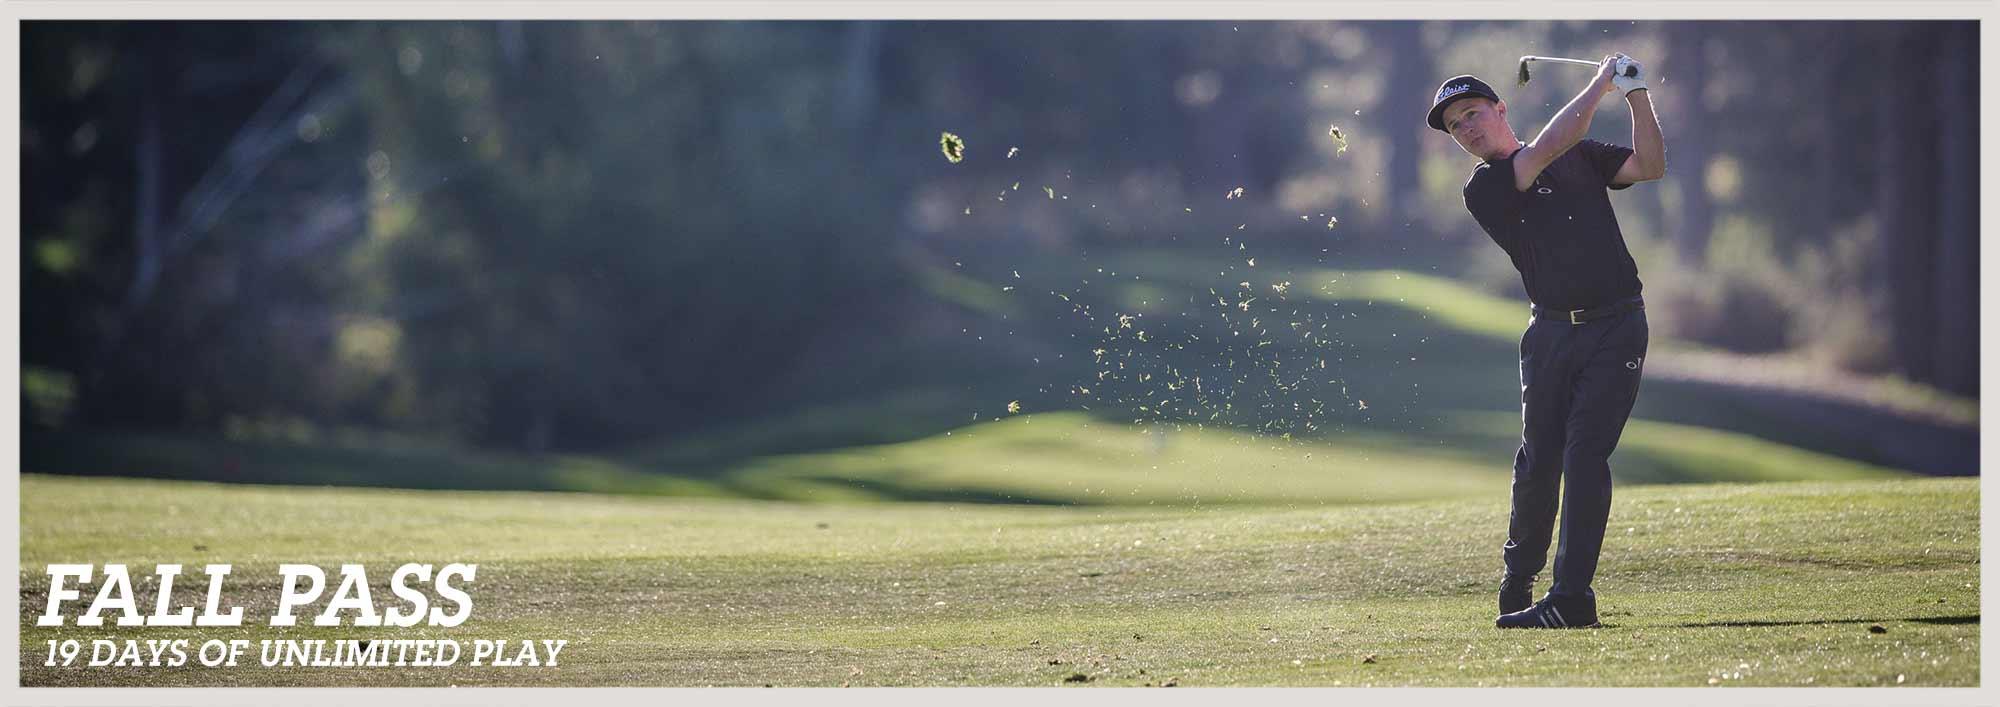 HP - Summer - Golf Fall Pass